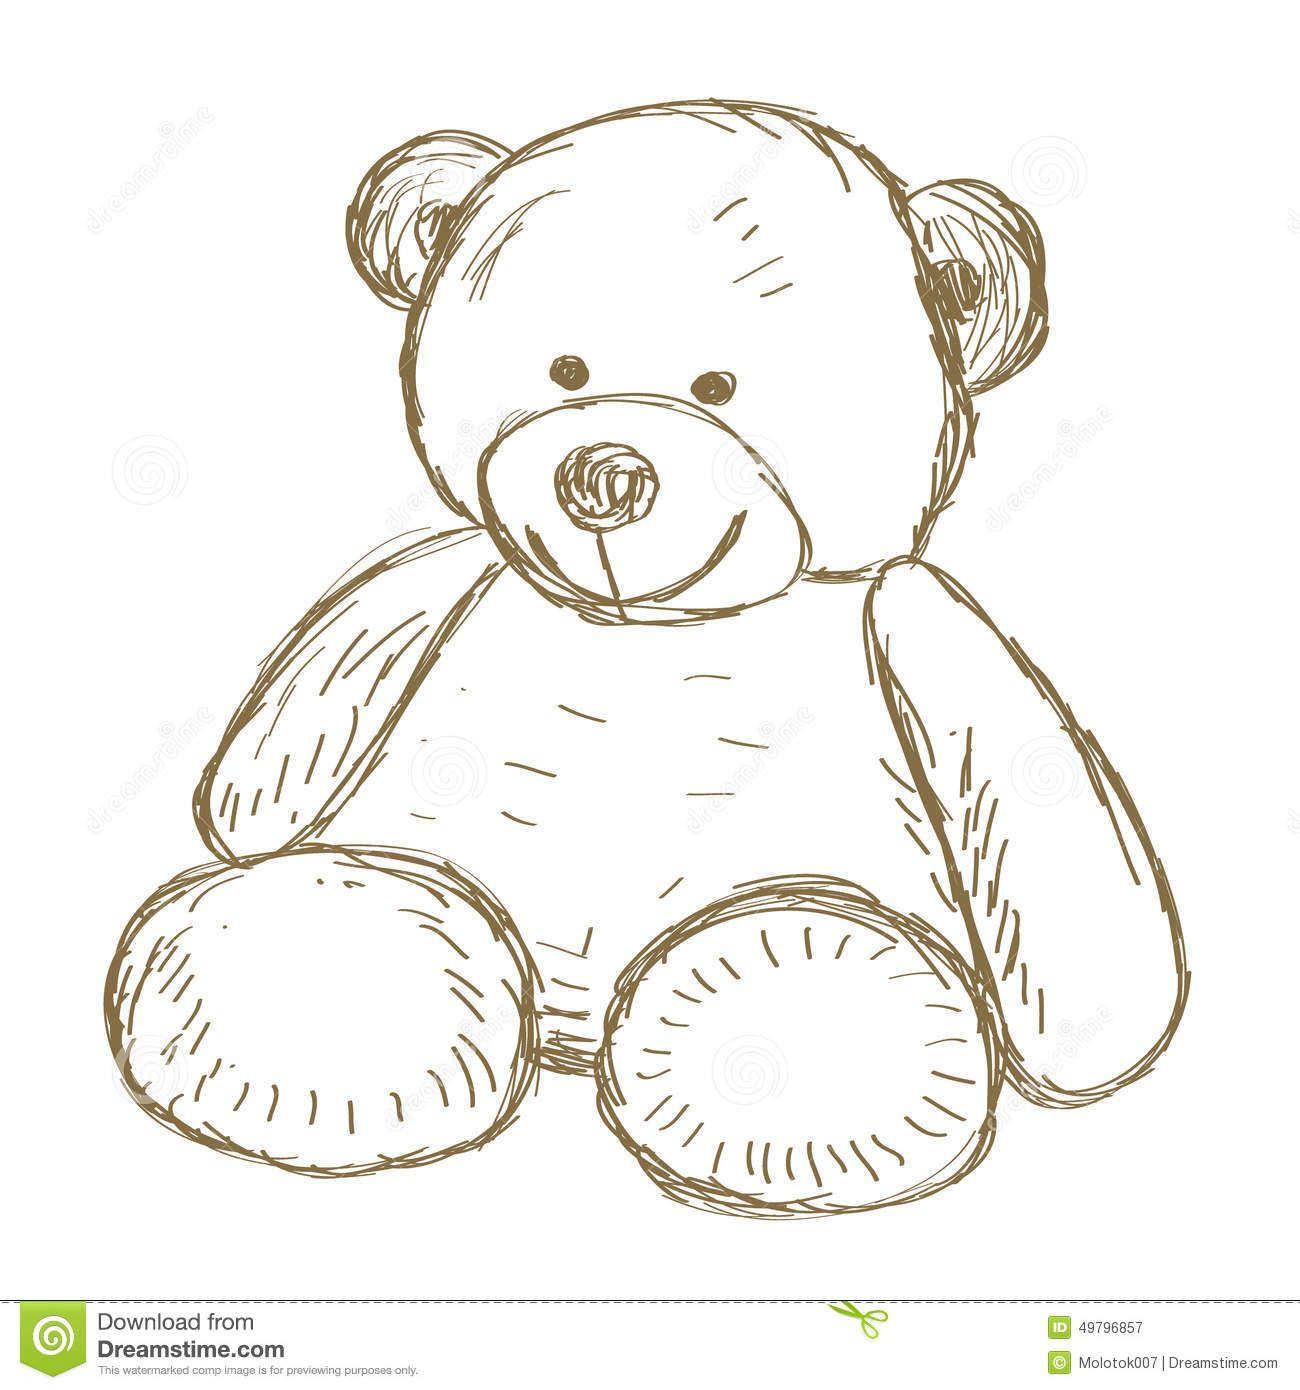 Teddy Bear Doodle Vector Hand Drawn Illustration 49796857 Jpg 1300 1390 Knuffelbeer Schetsen Tekenen Teddybeer